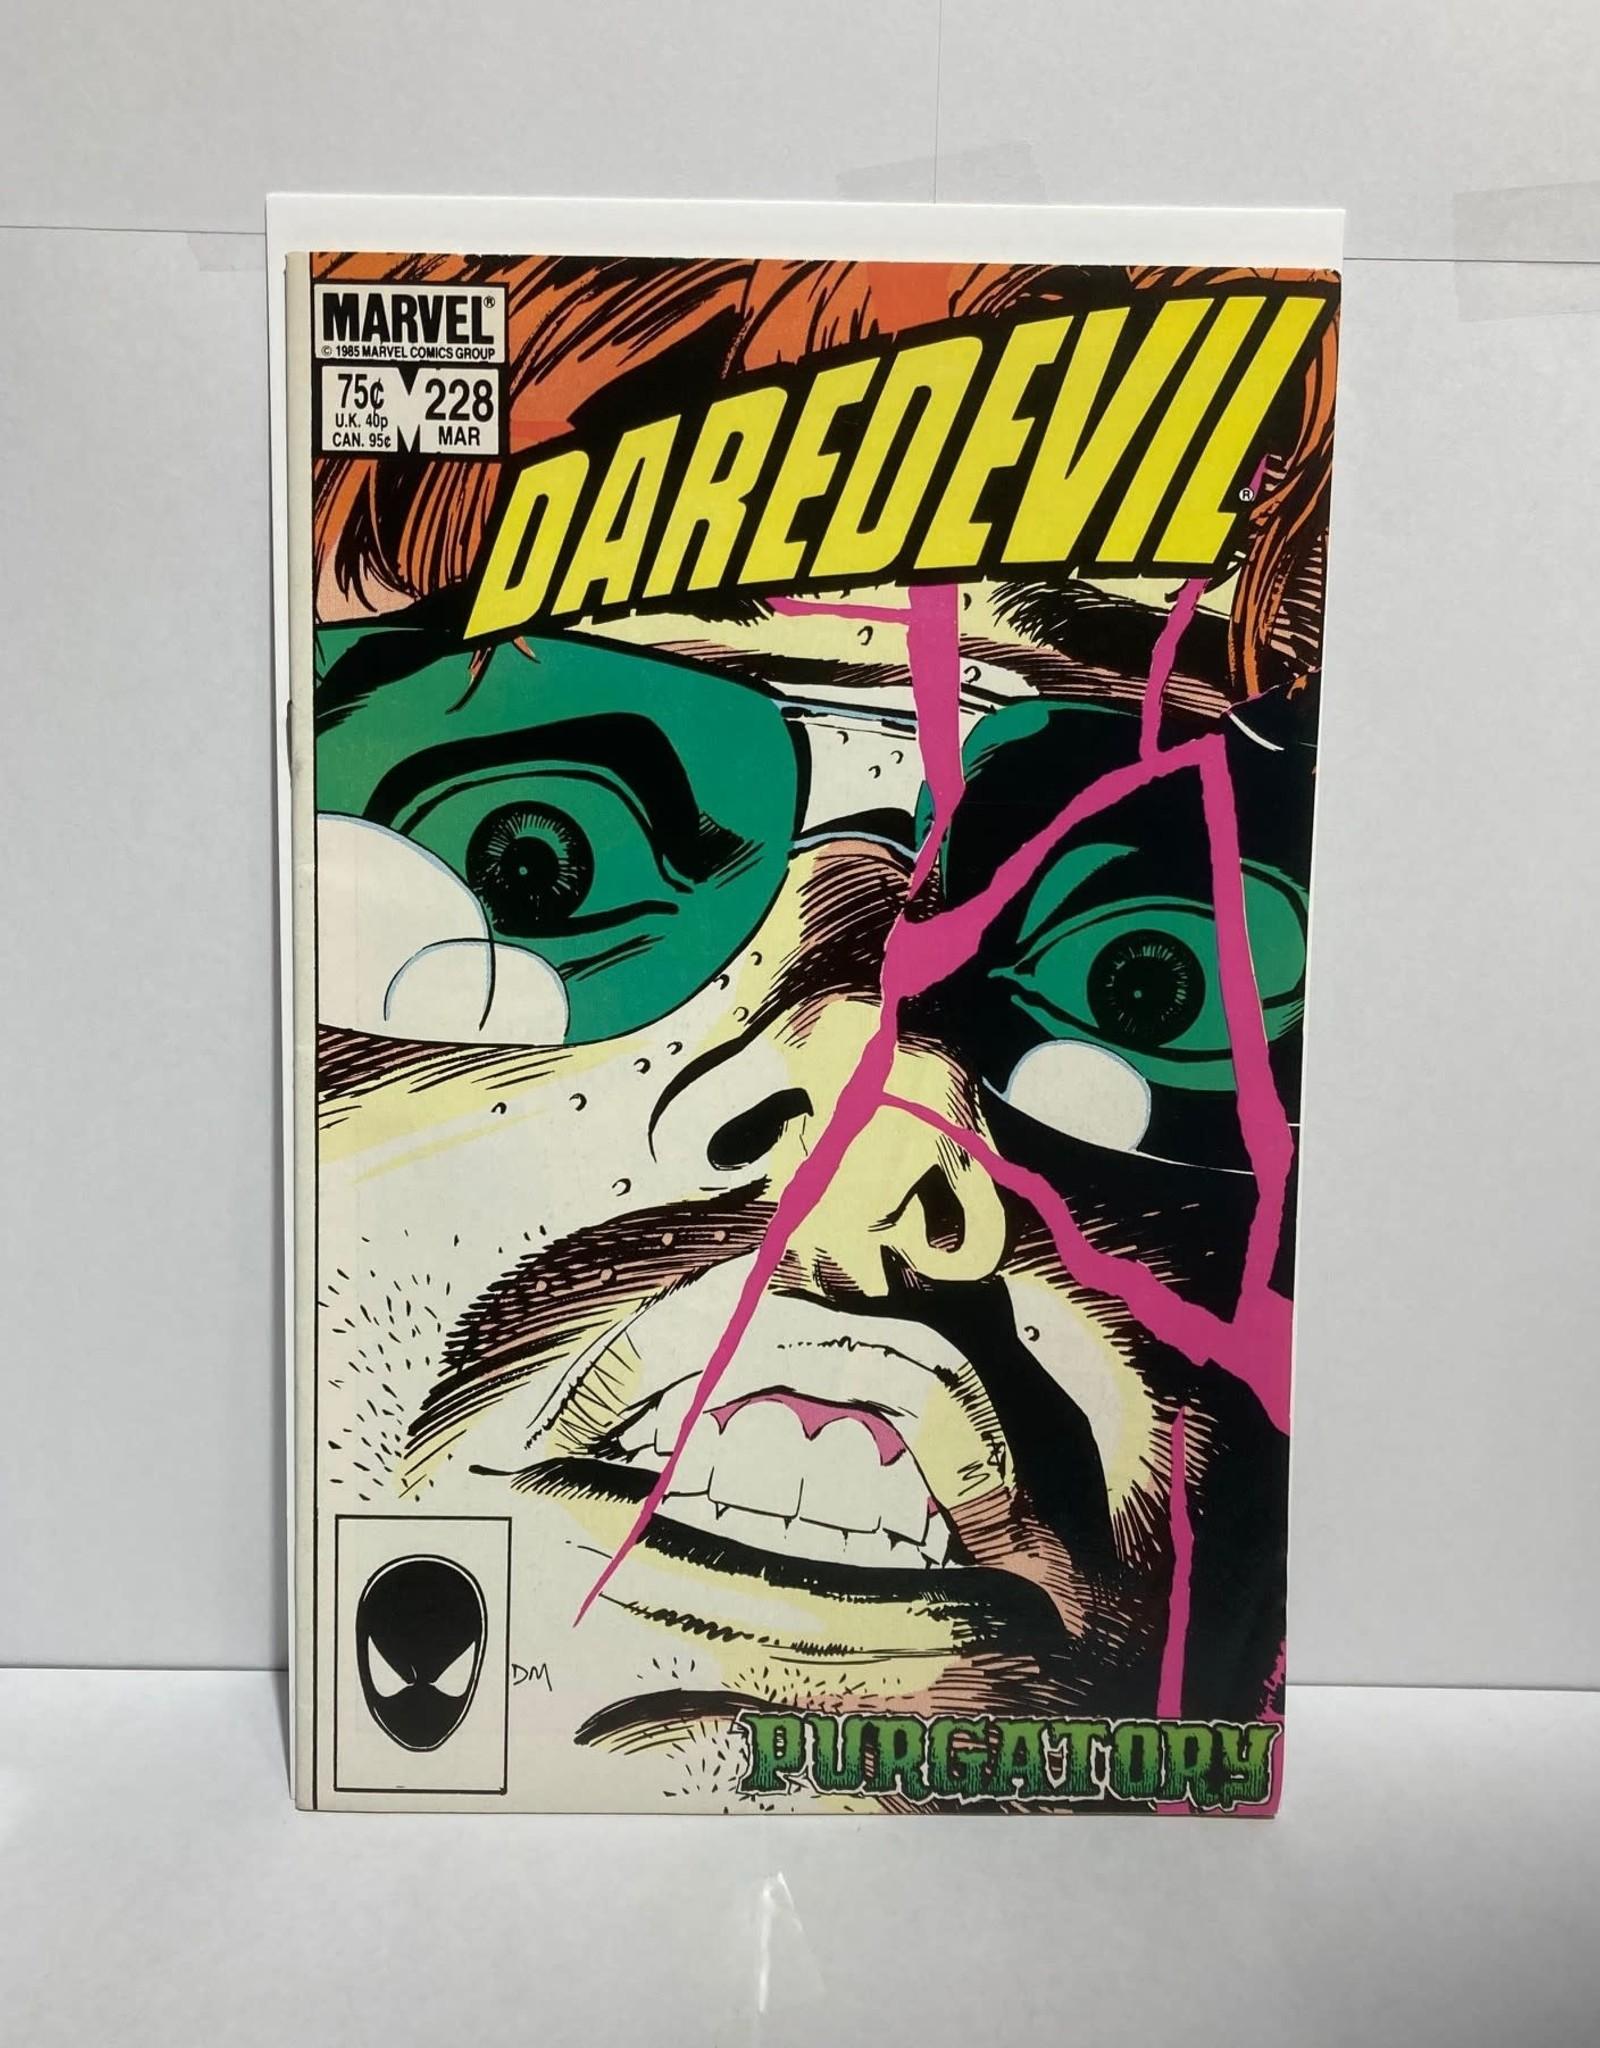 Marvel Comics Daredevil (1986) Frank Miller Bundle